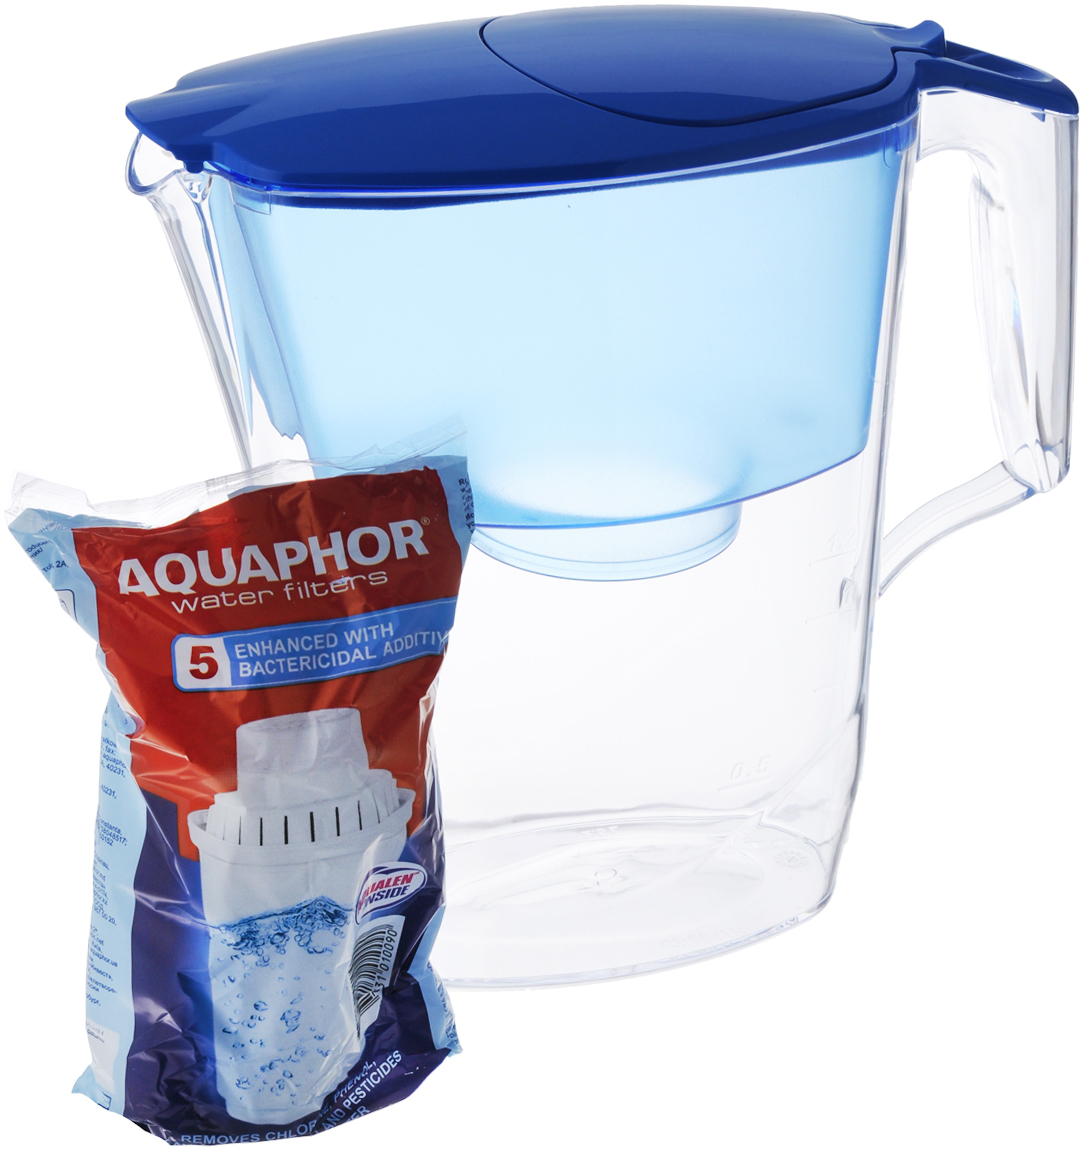 цена на Фильтр-кувшин для воды Аквафор Ультра, цвет: прозрачный, голубой, 2,5 л